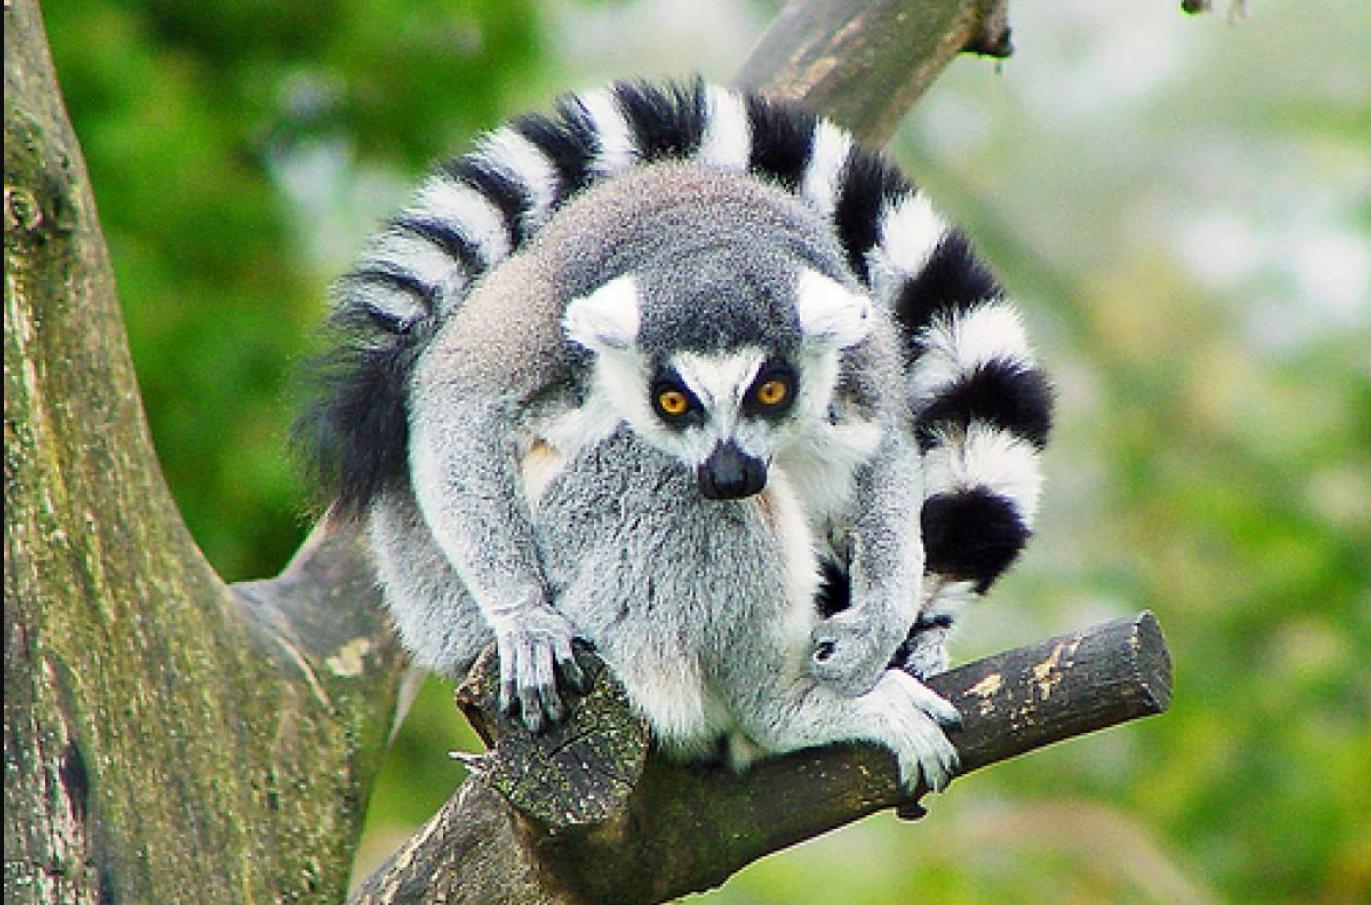 Lemures y su secreto del amor duradero